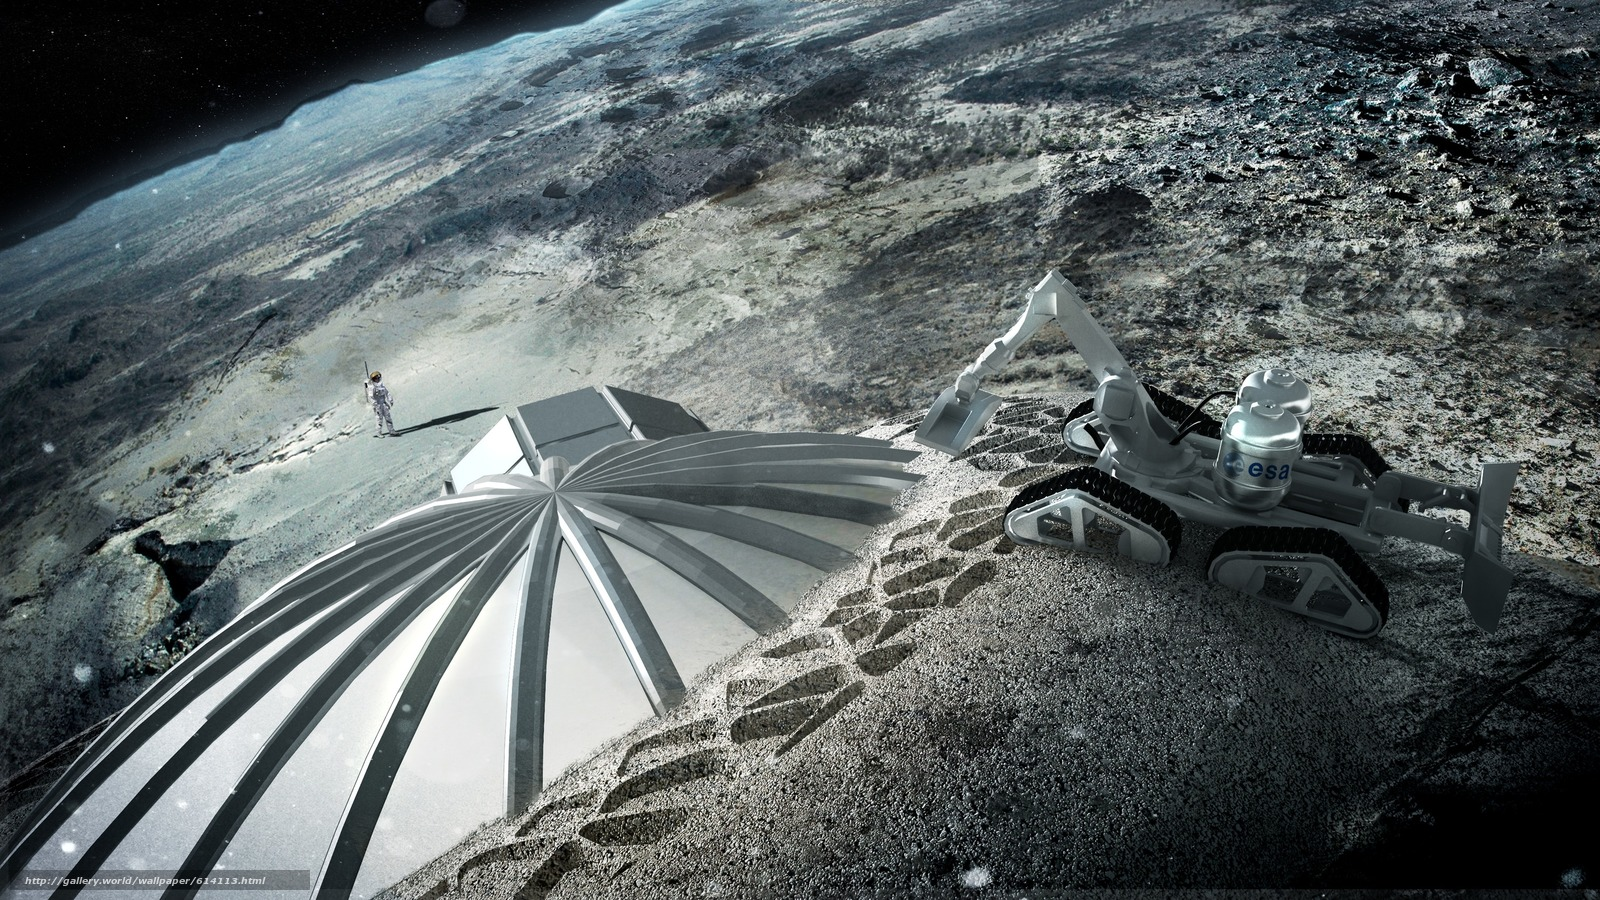 Скачать обои Луна,  Космос,  дом,  спутник бесплатно для рабочего стола в разрешении 2976x1674 — картинка №614113